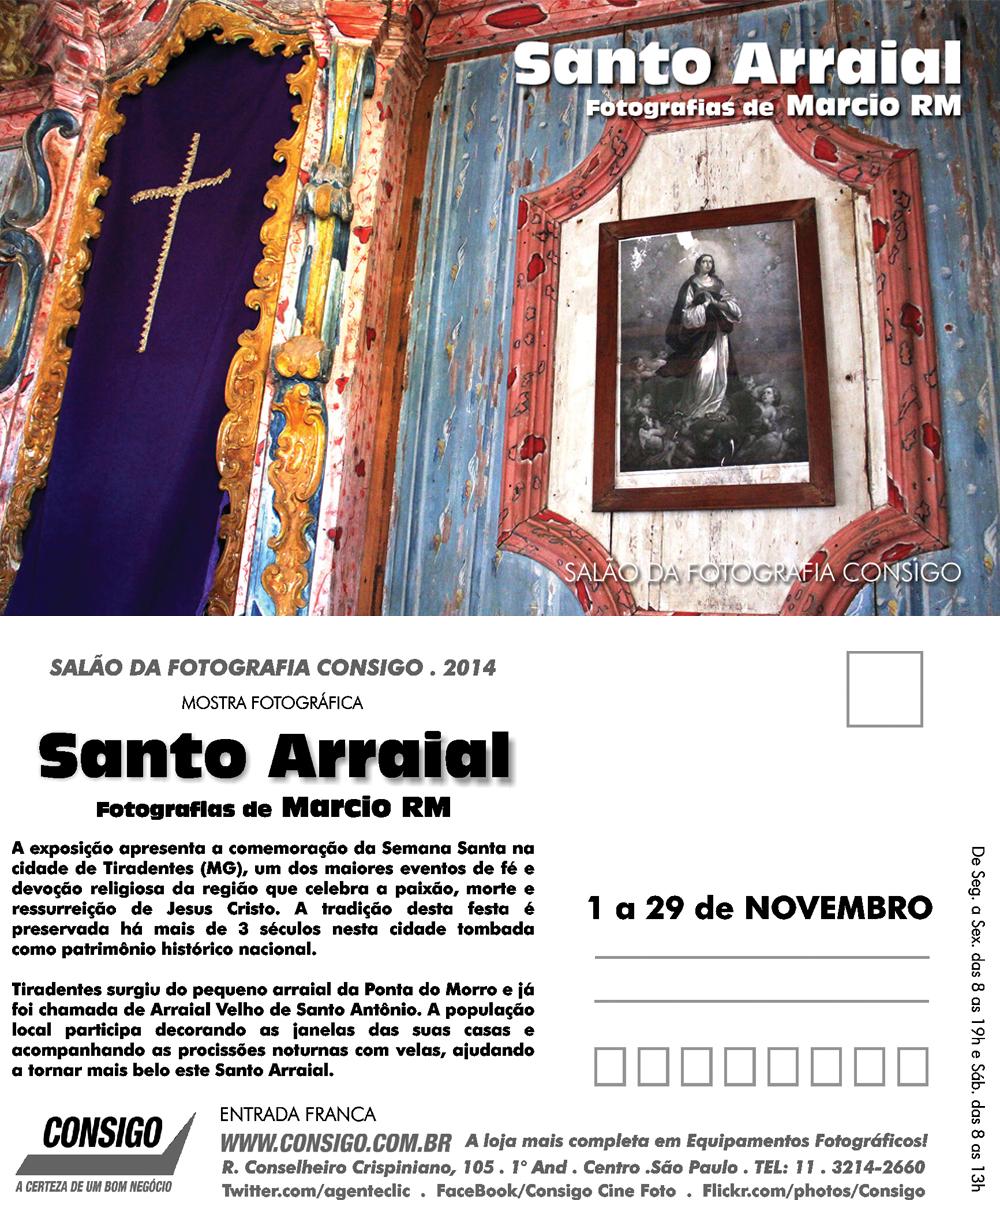 Santo Arraial, by Marcio RM